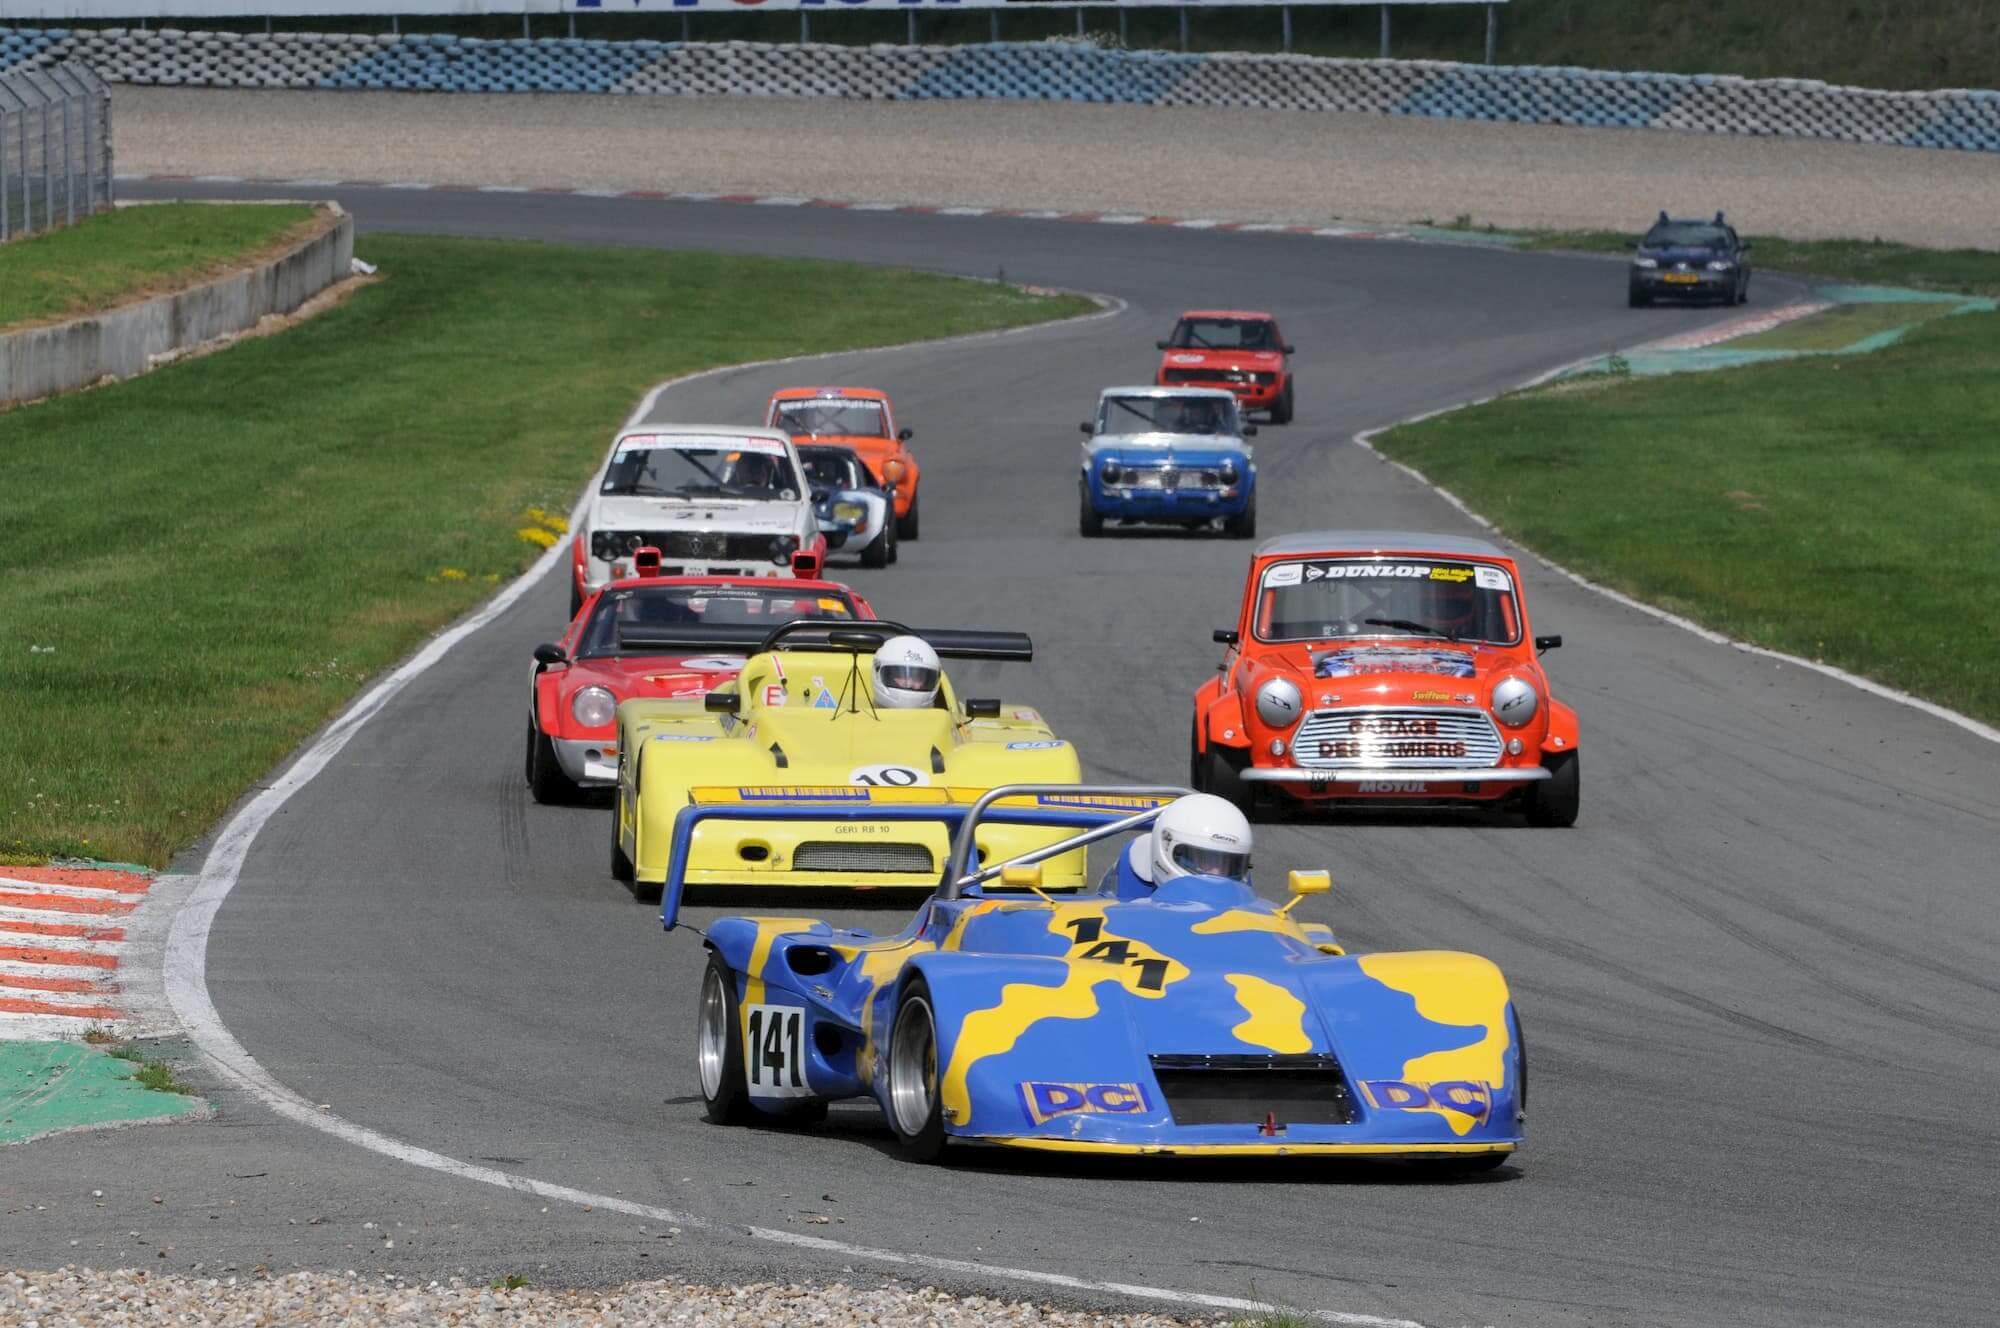 Mini Austin Miglia 7 en course pour le Trophée Saloon Car - Voiture ancienne Sixties